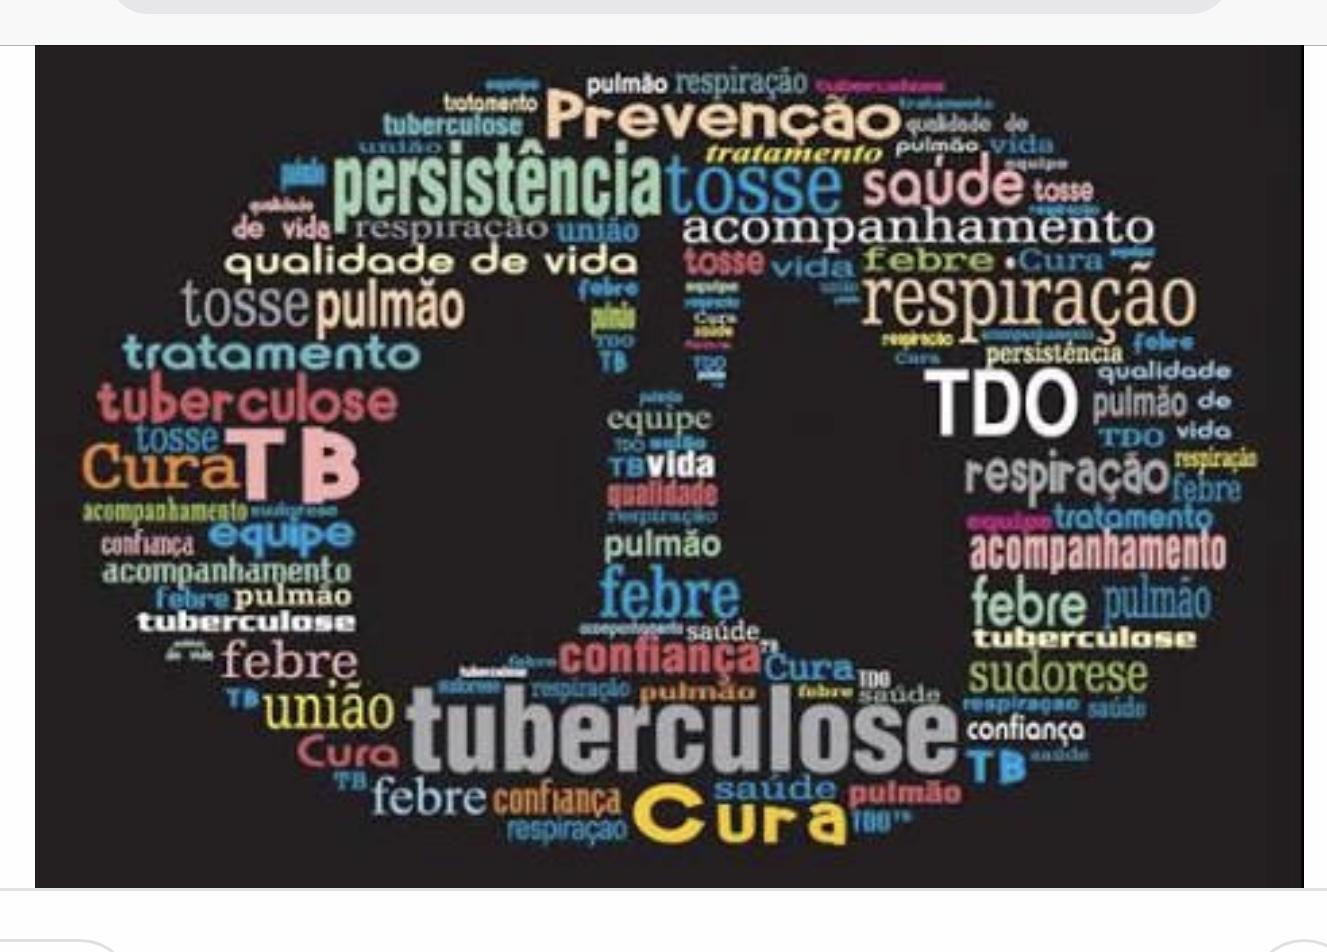 SinMed-RJ na luta contra o fechamento do hospital referência de tuberculose, o Hospital Santa